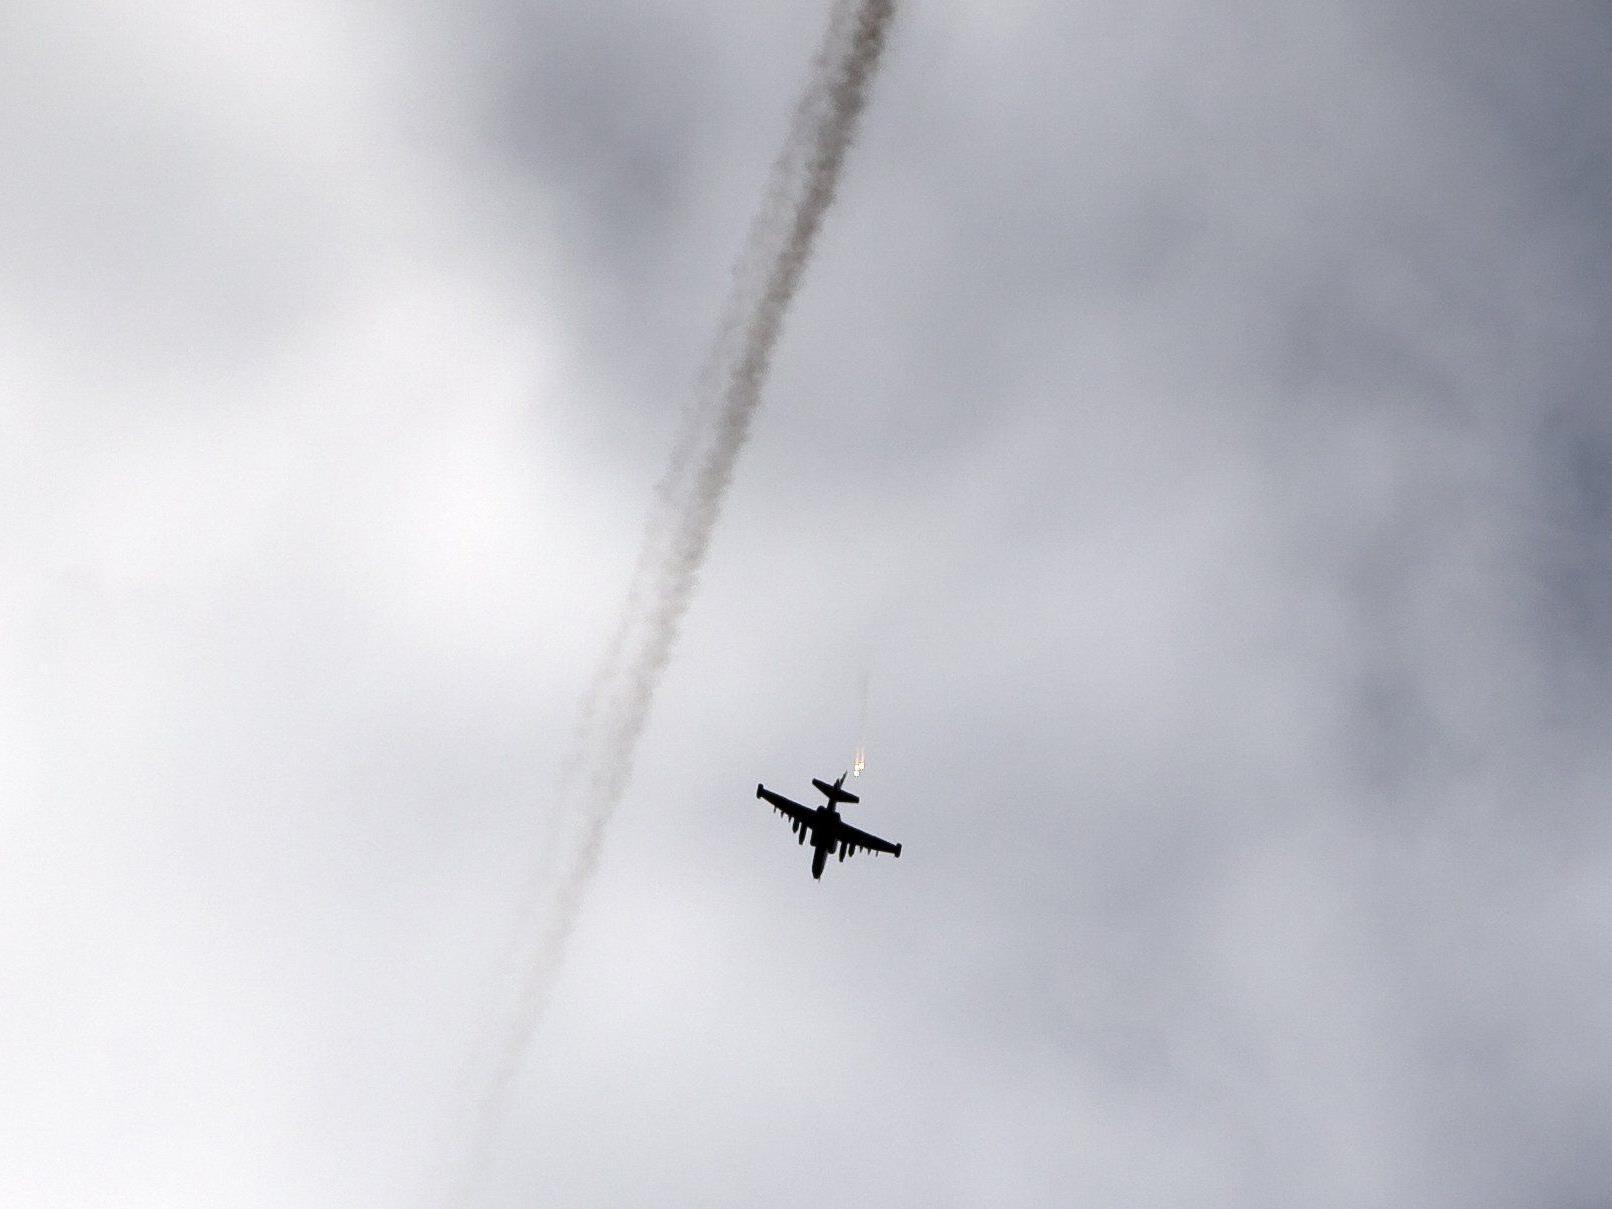 Russland soll einen Kampfjet der Ukraine abgeschossen haben.